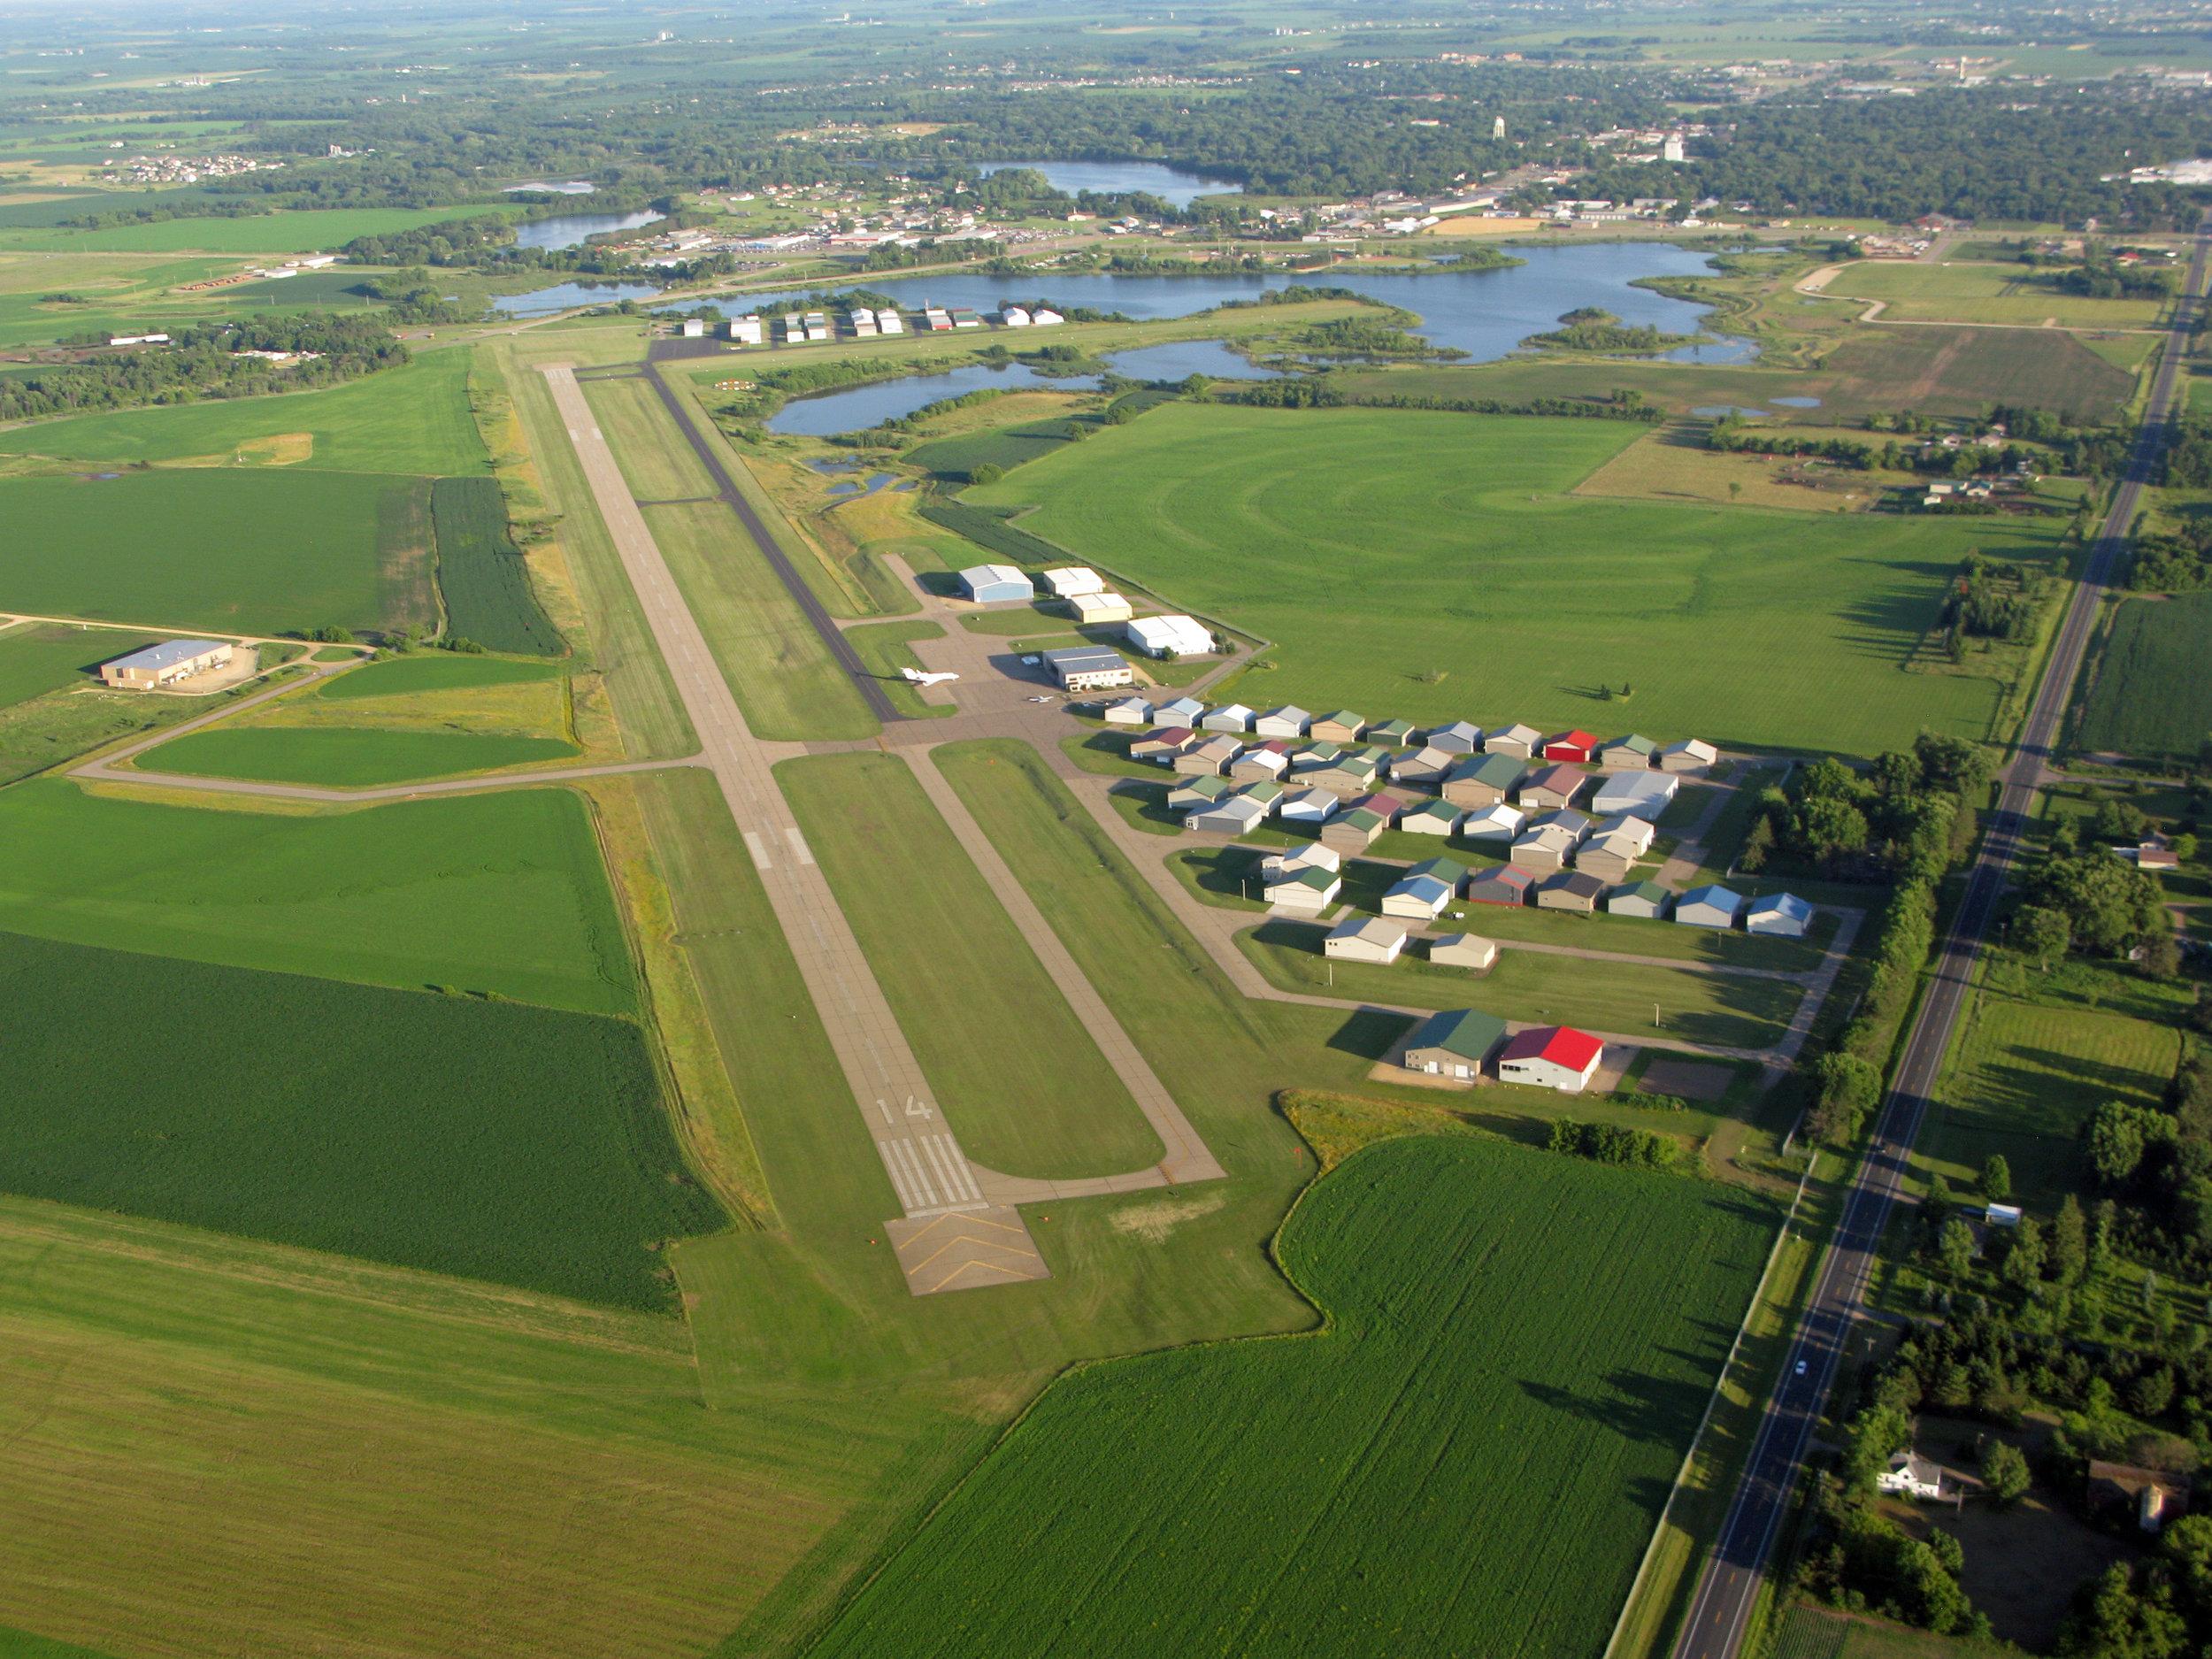 2017-07-06 NR Airport C.jpg